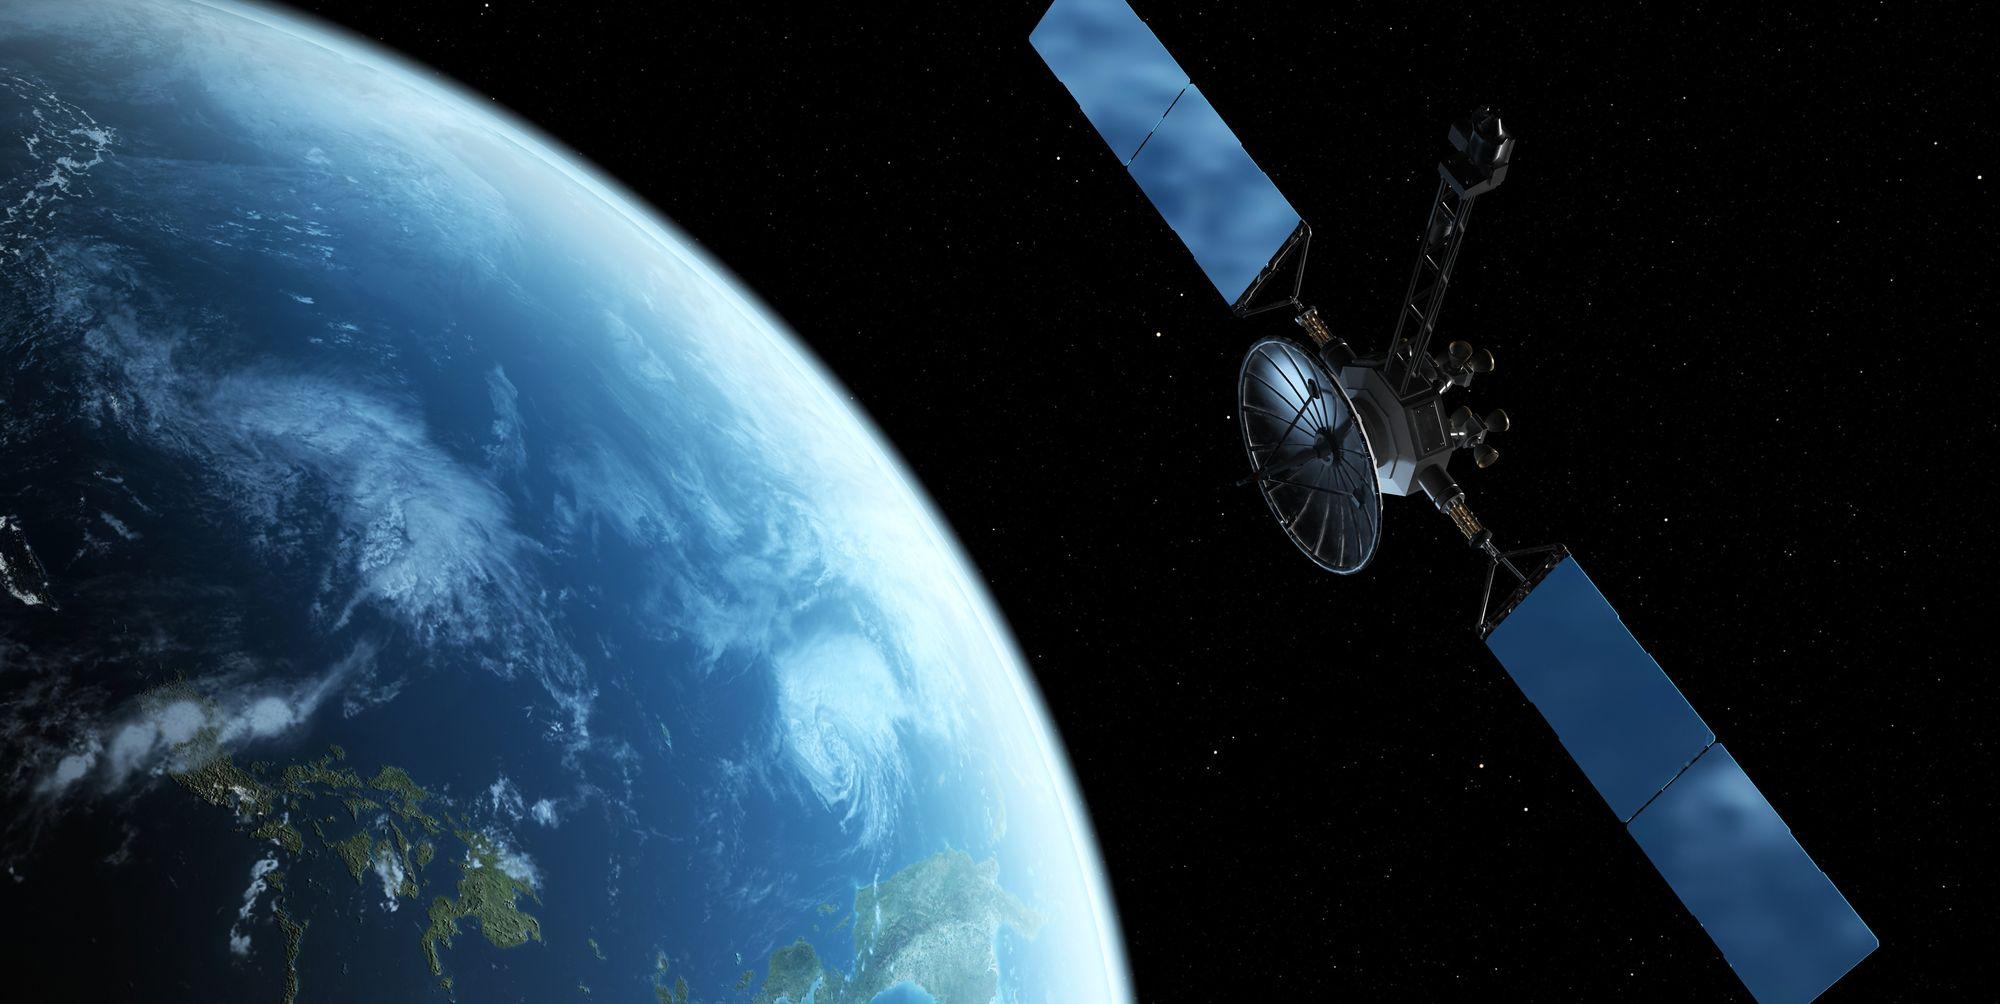 La banda larga arriva dallo spazio